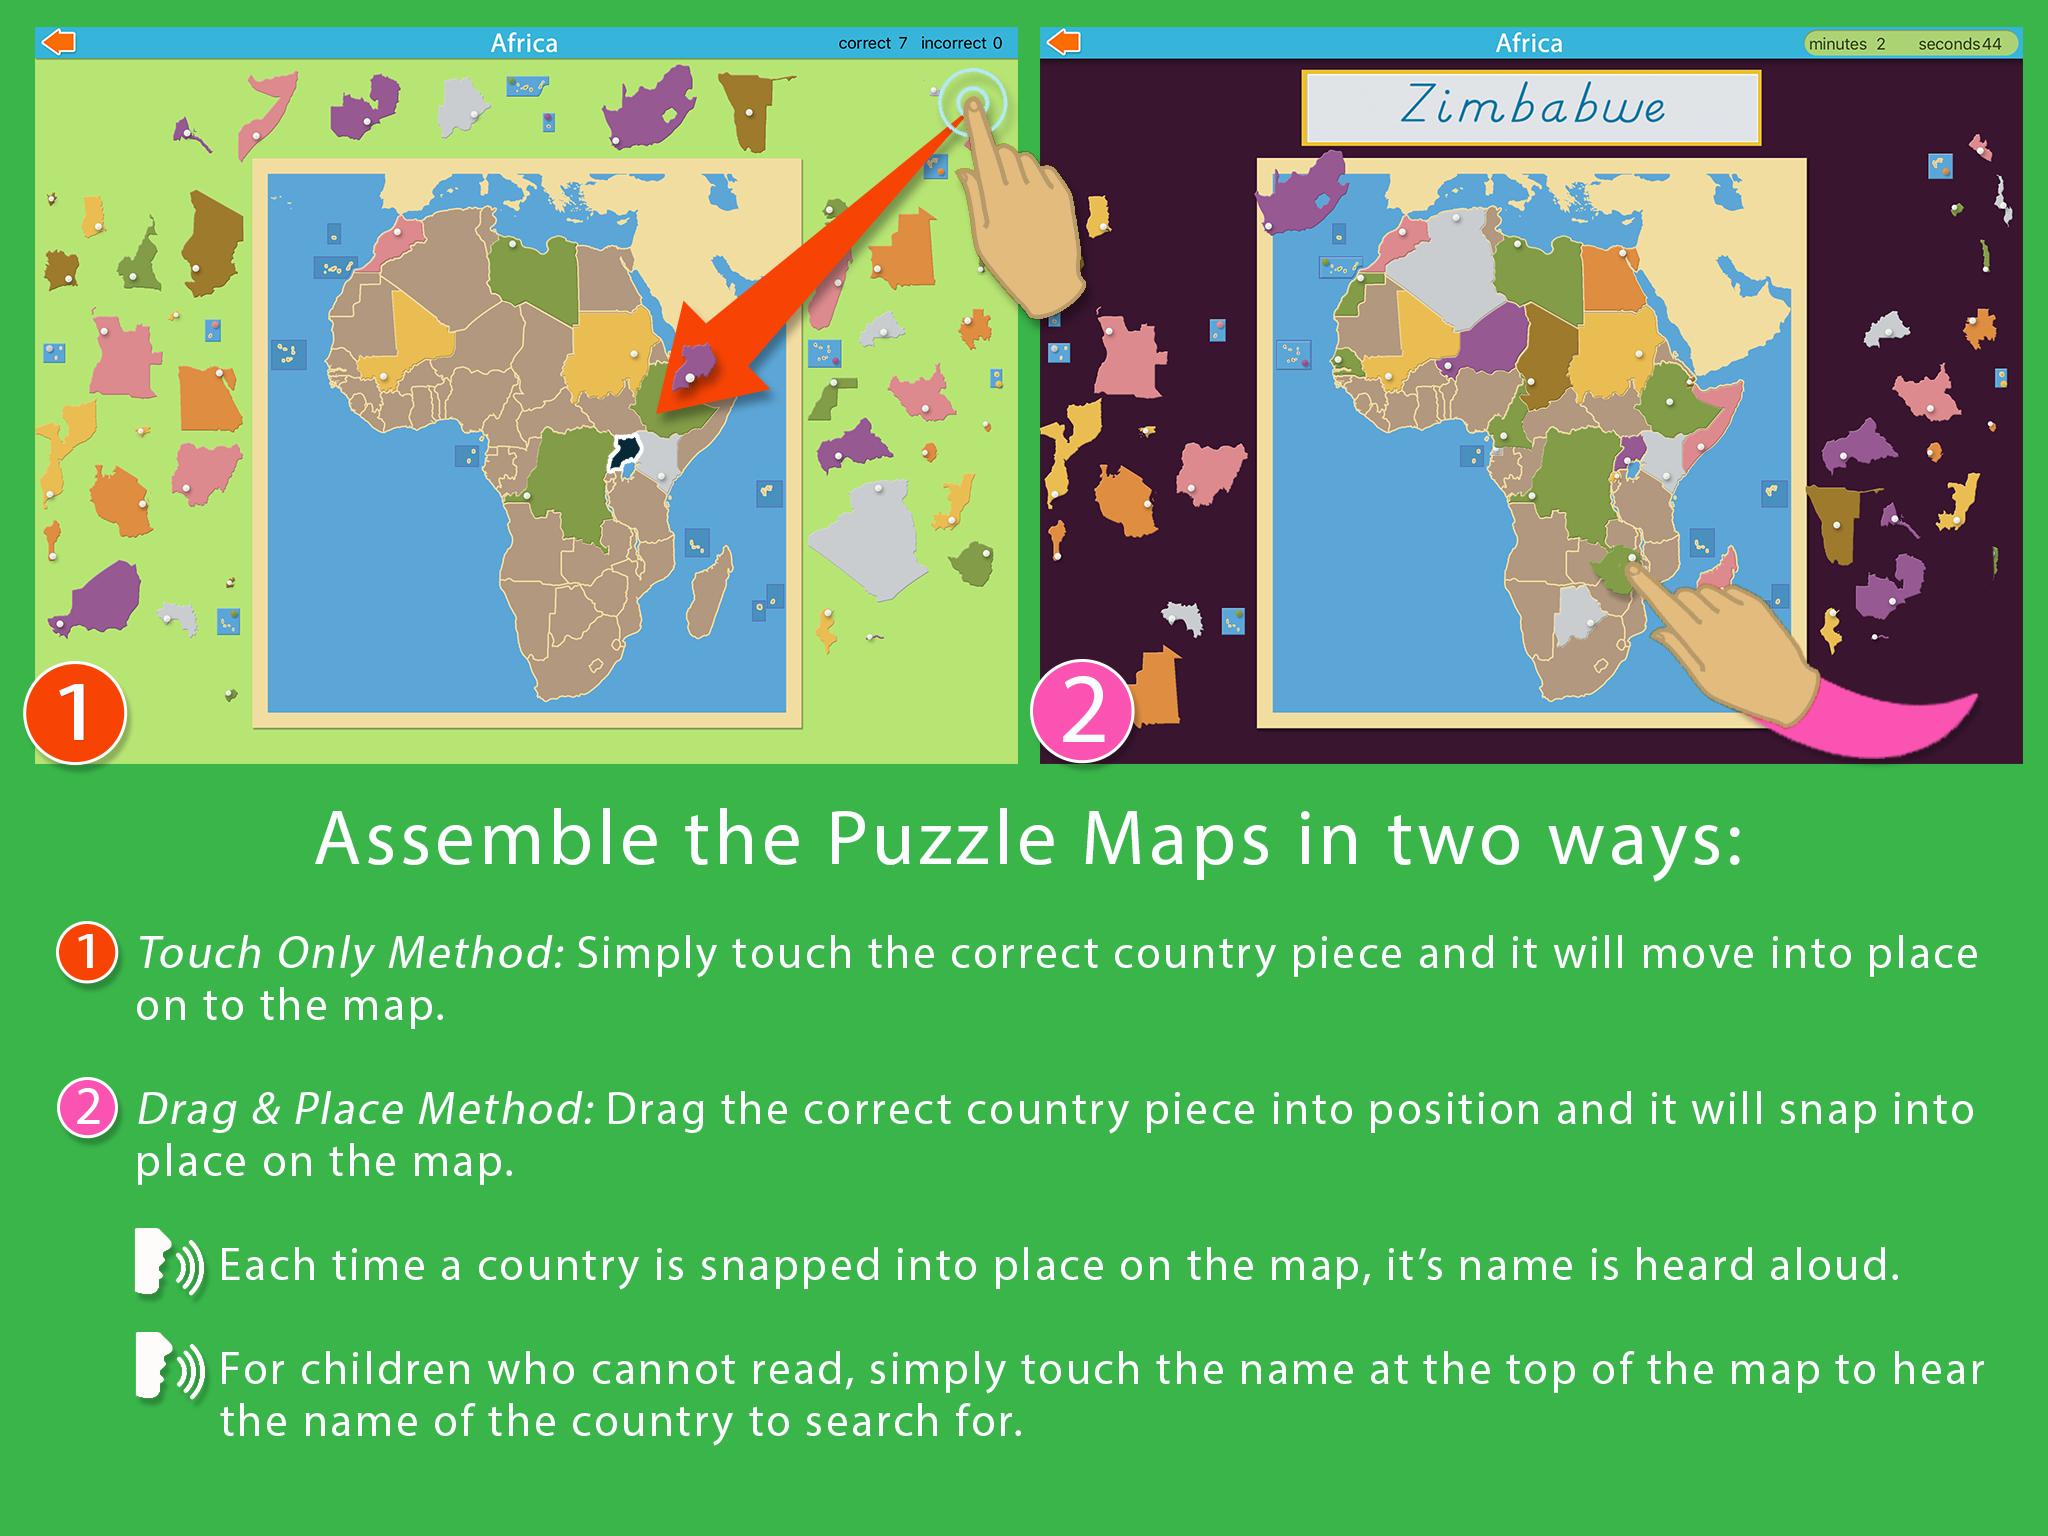 Africa-iPadReg-SC4-Africa-.png